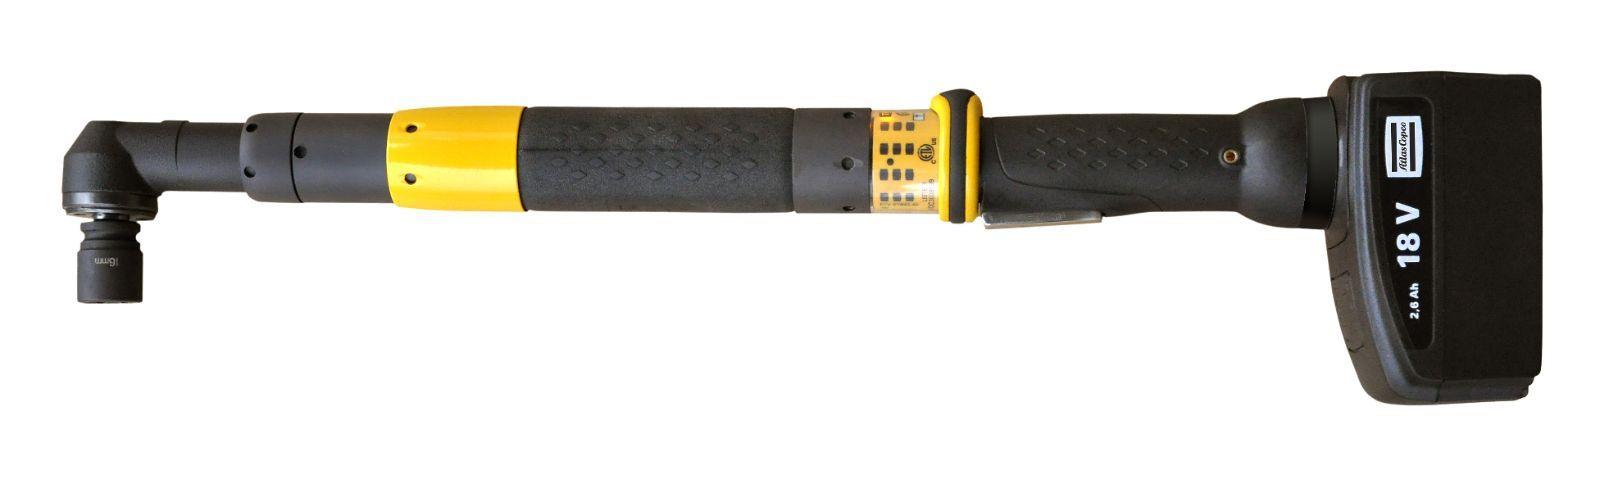 Bateria SB pistola impacto batería Atlas Copco